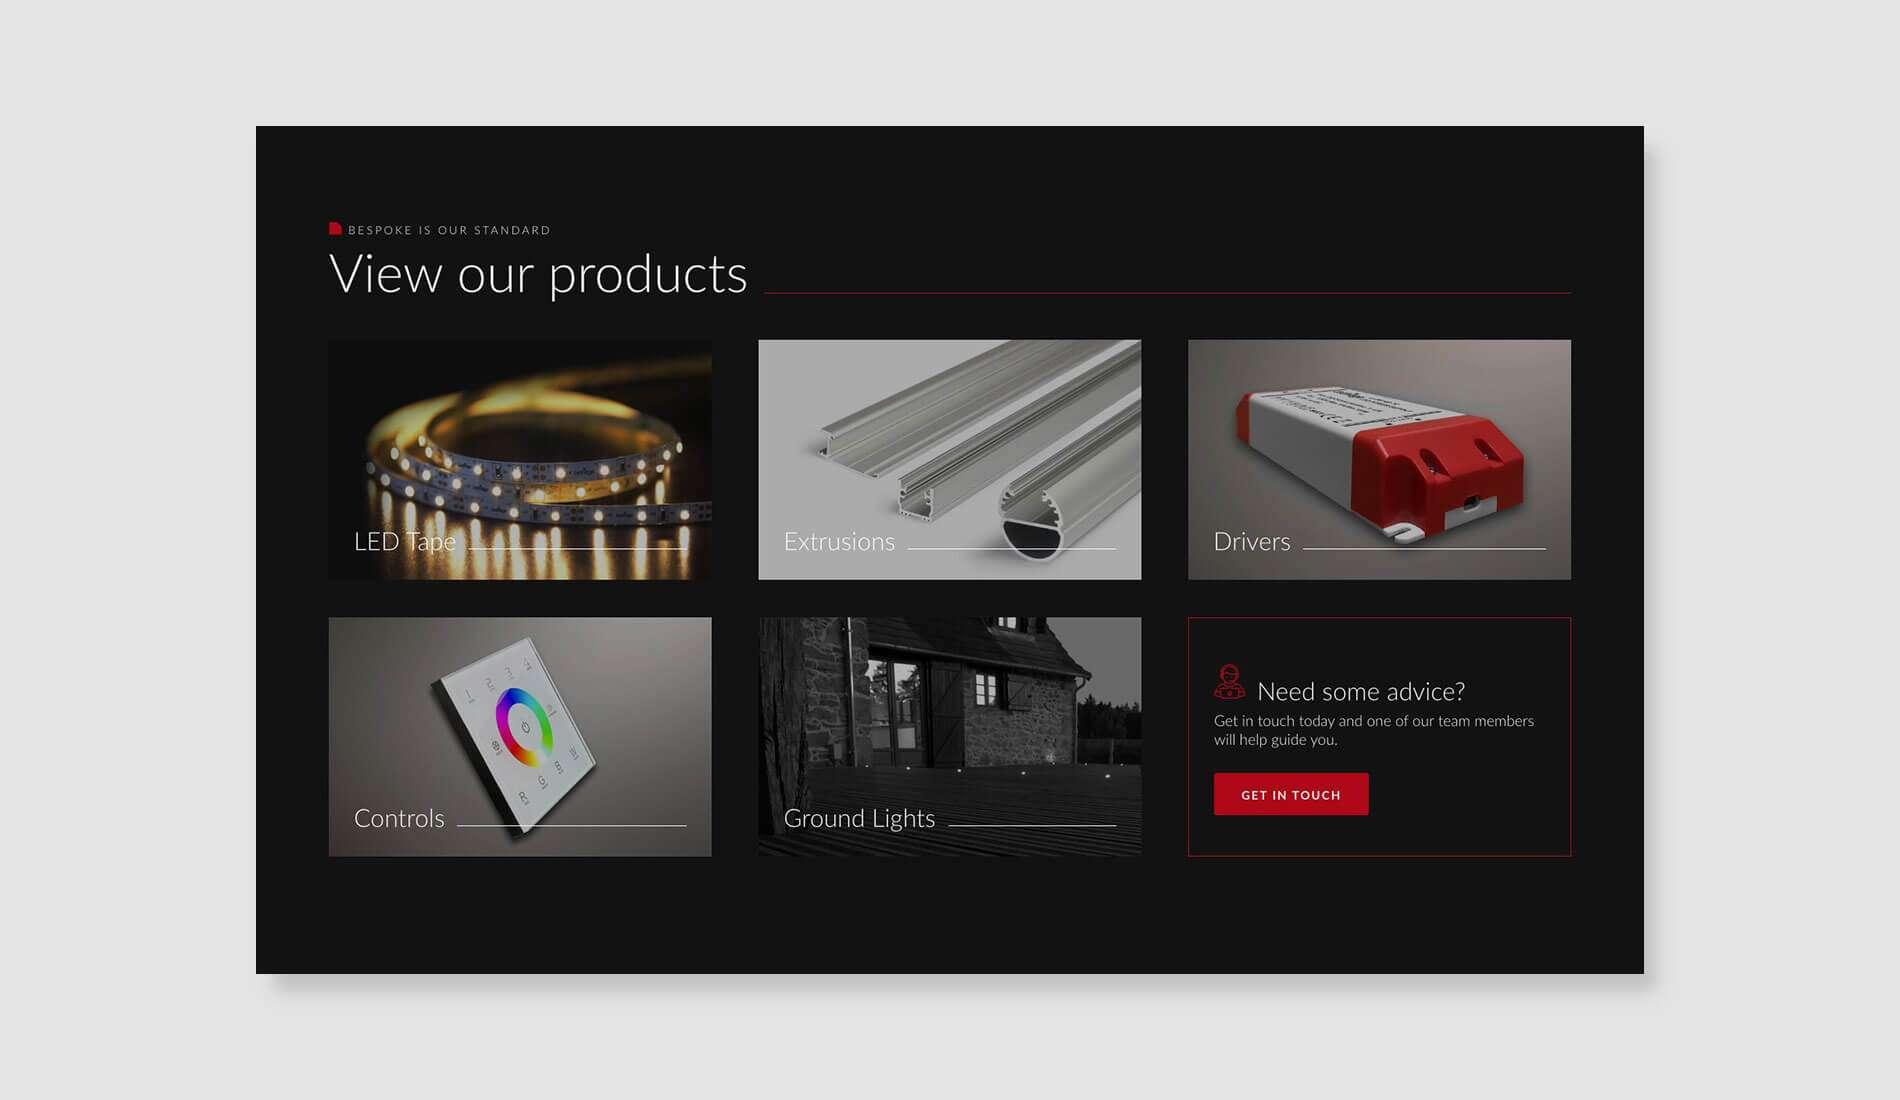 Ledridge product section design on flat background